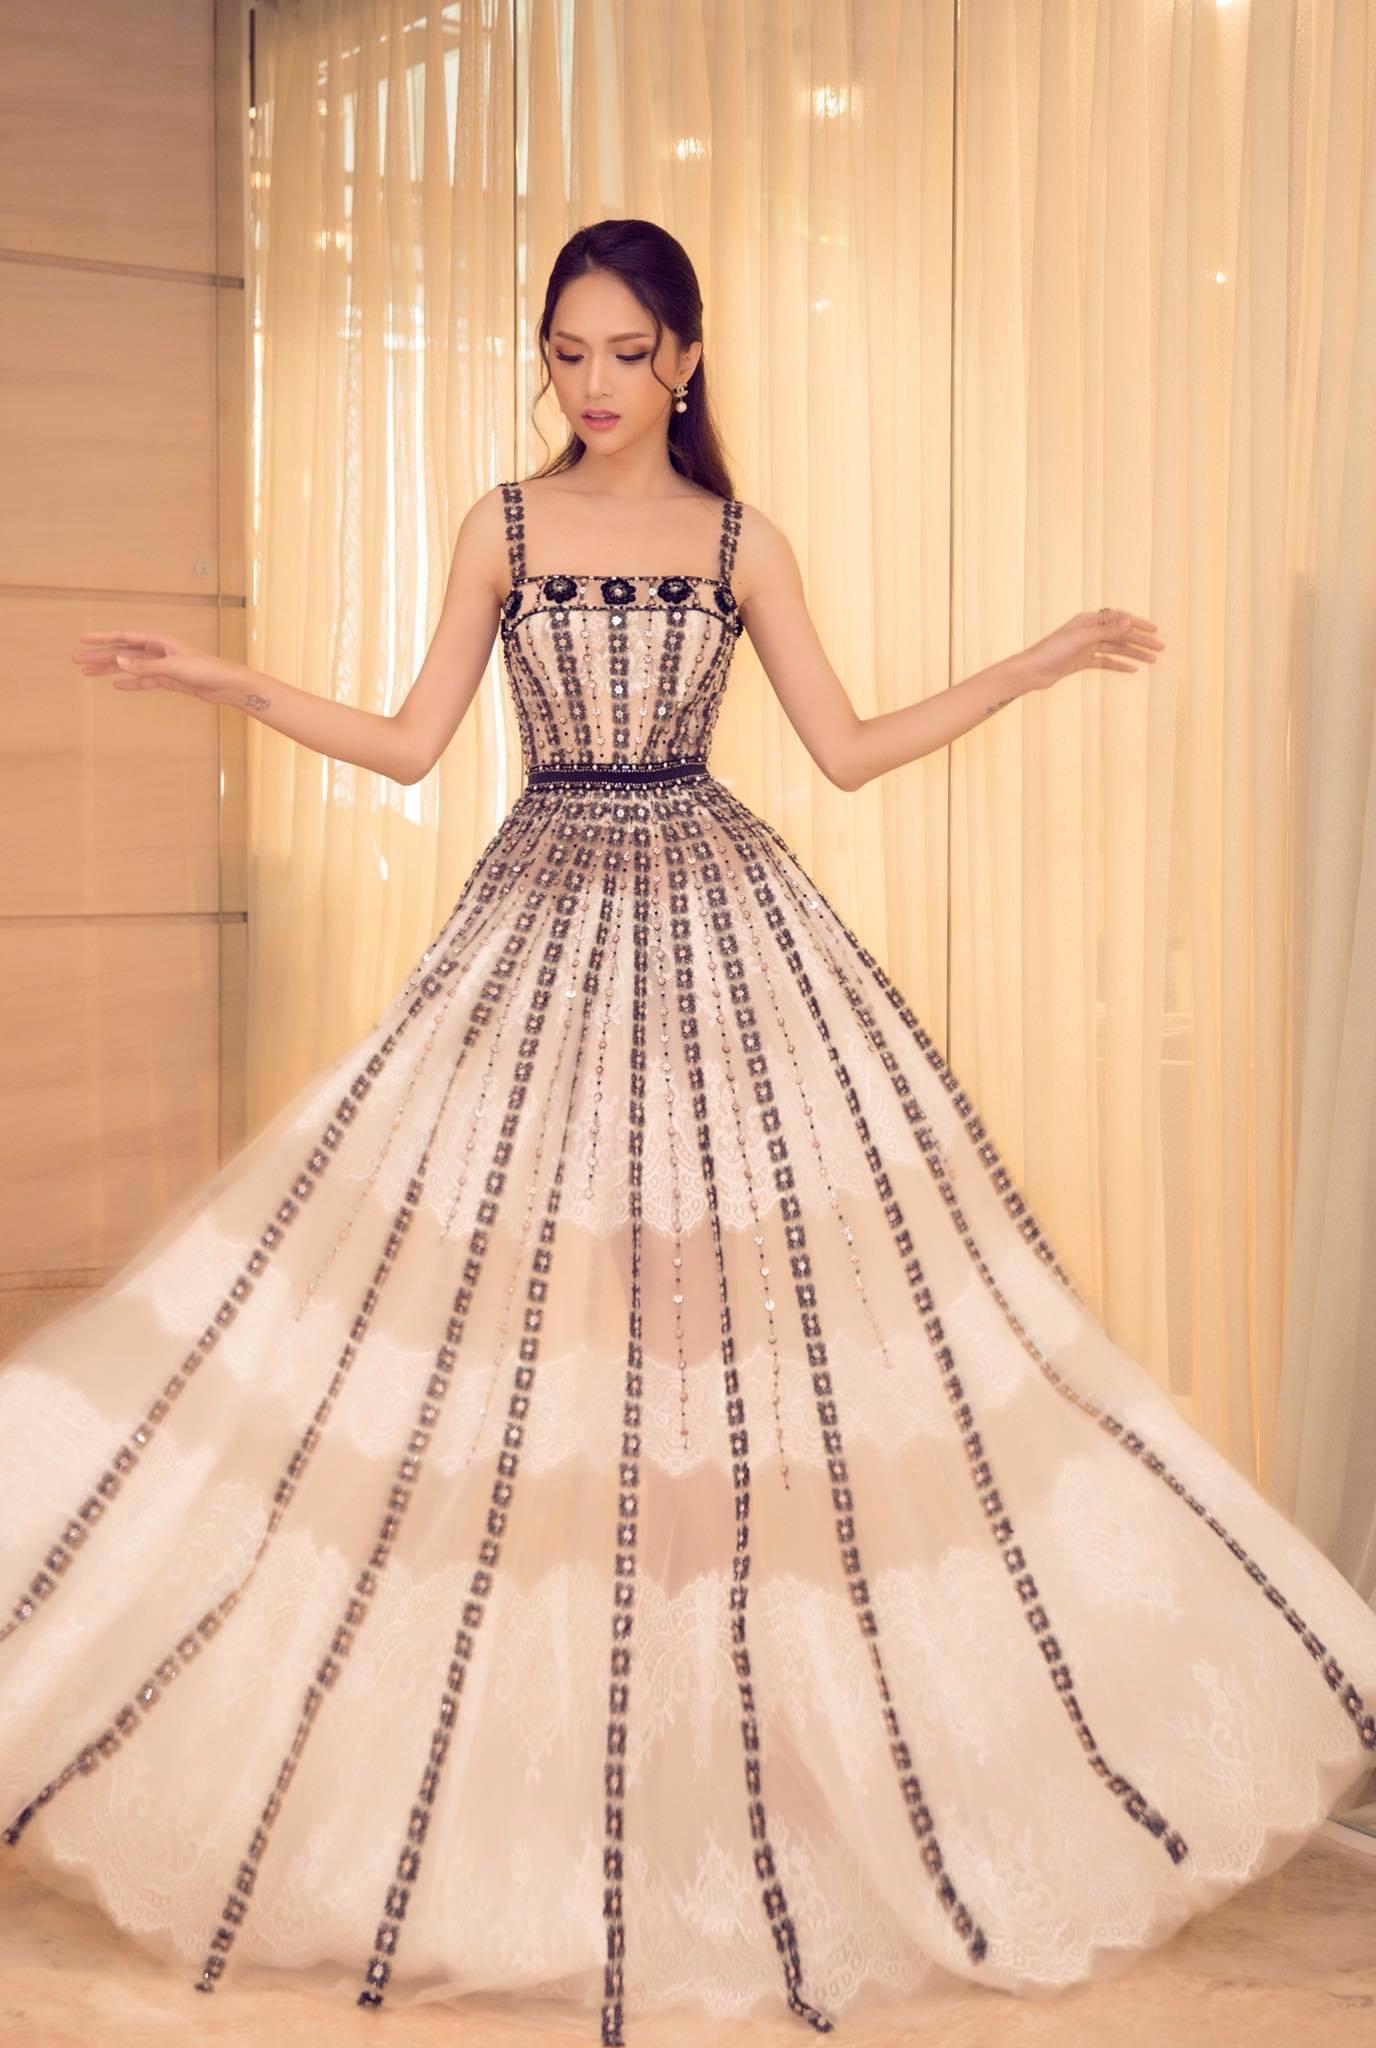 Những chiếc váy giúp Hoa hậu Hương Giang nâng tầm đẳng cấp  - Ảnh 11.